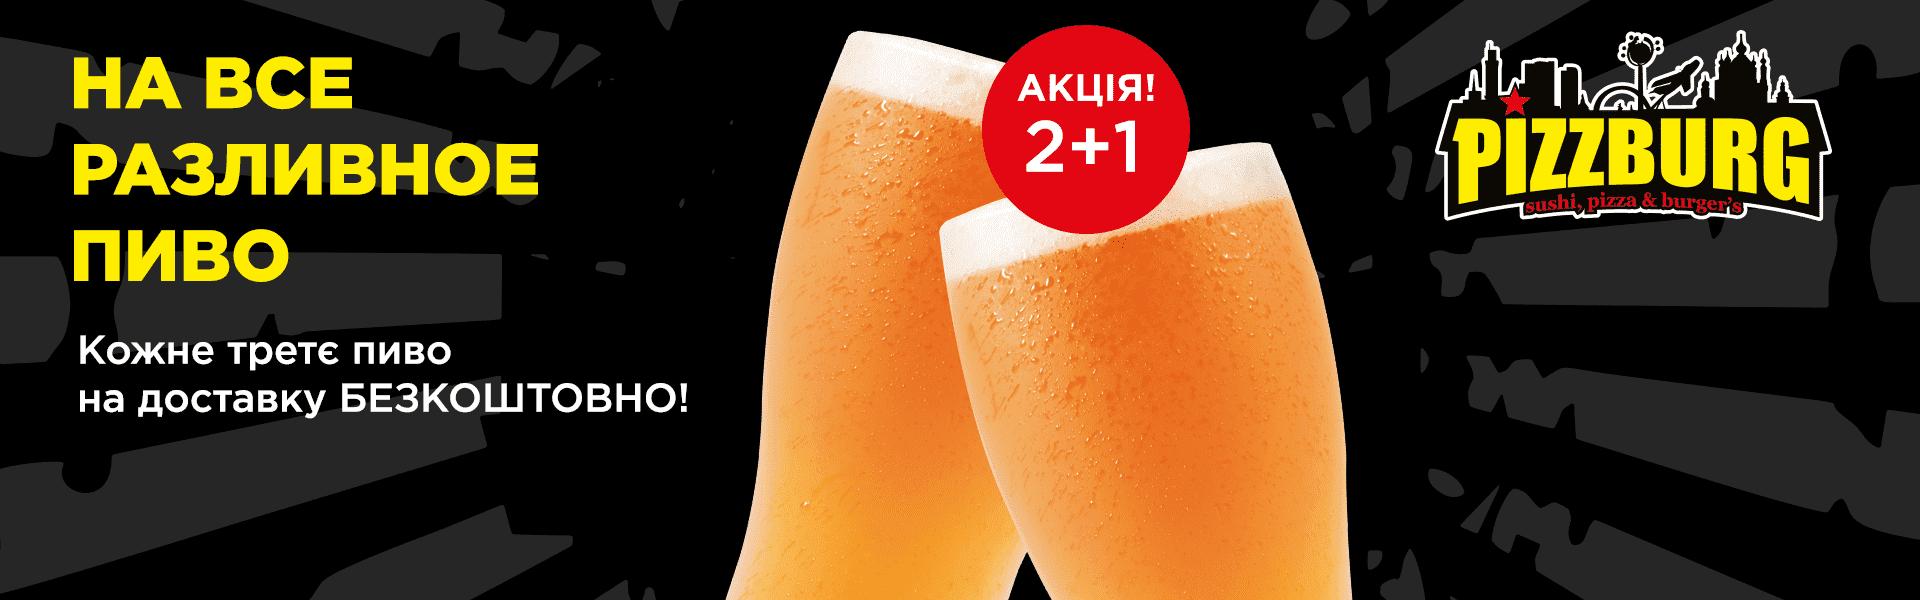 Фото - 2+1 на все пиво!   - Піццбург